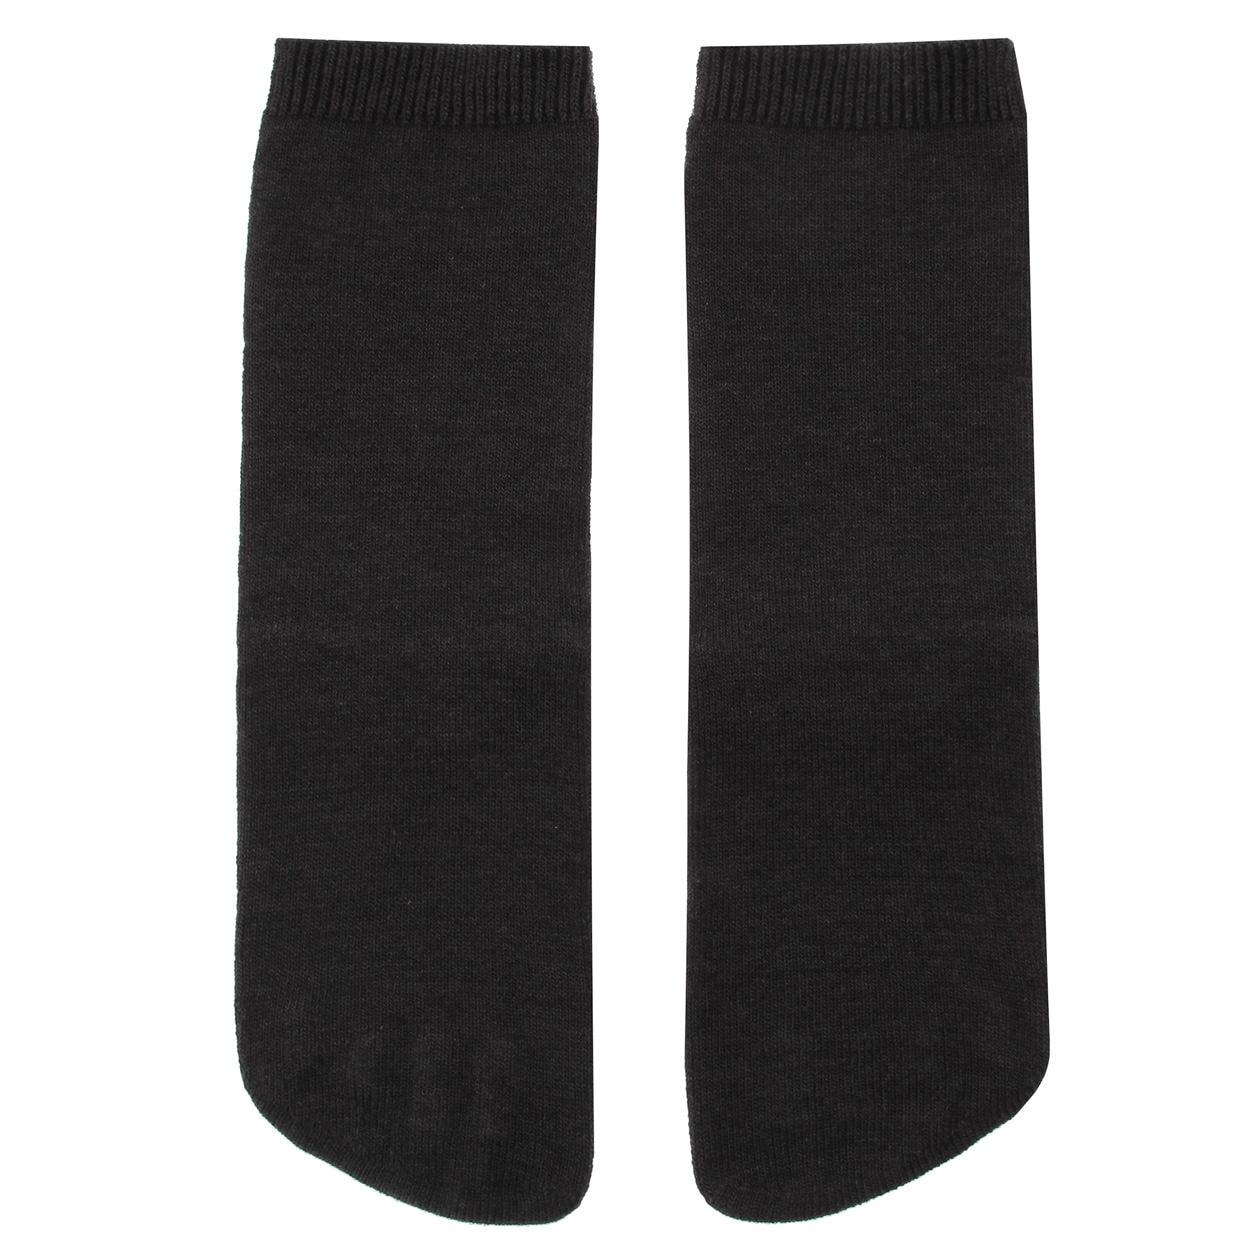 足なり直角 隠れ5本指靴下(婦人)